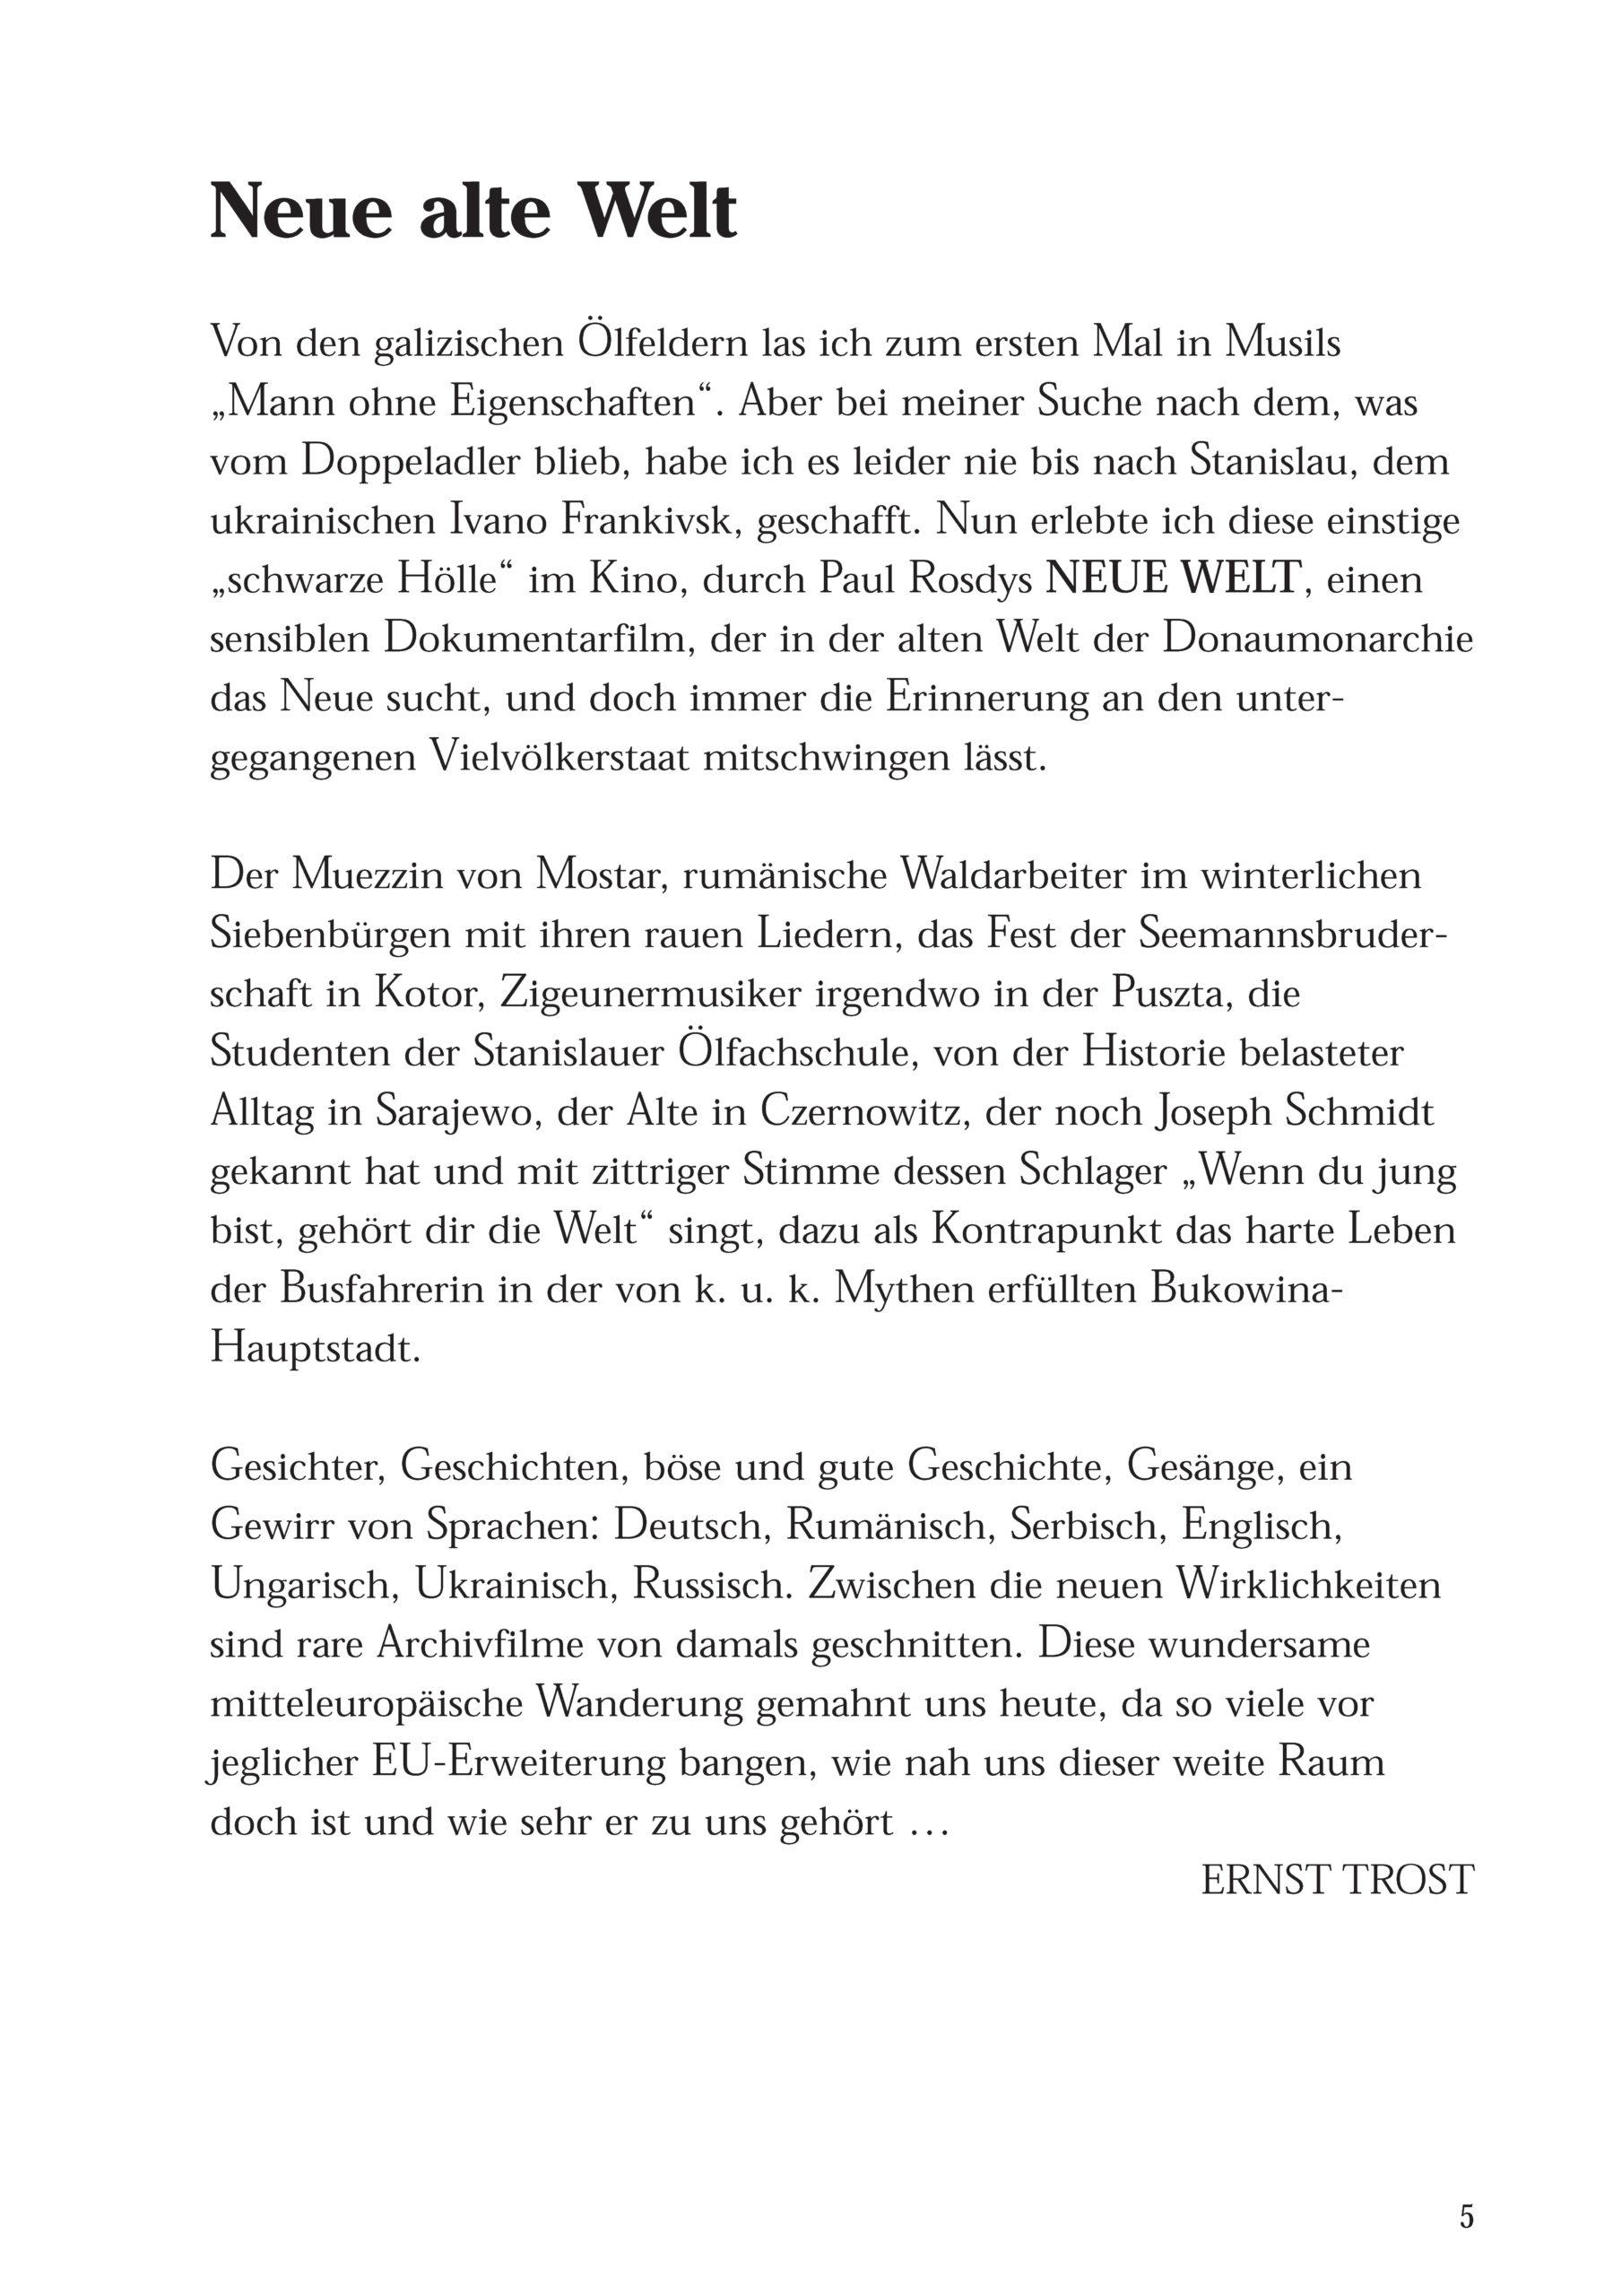 neuewelt_booklet_dvd_Seite_05